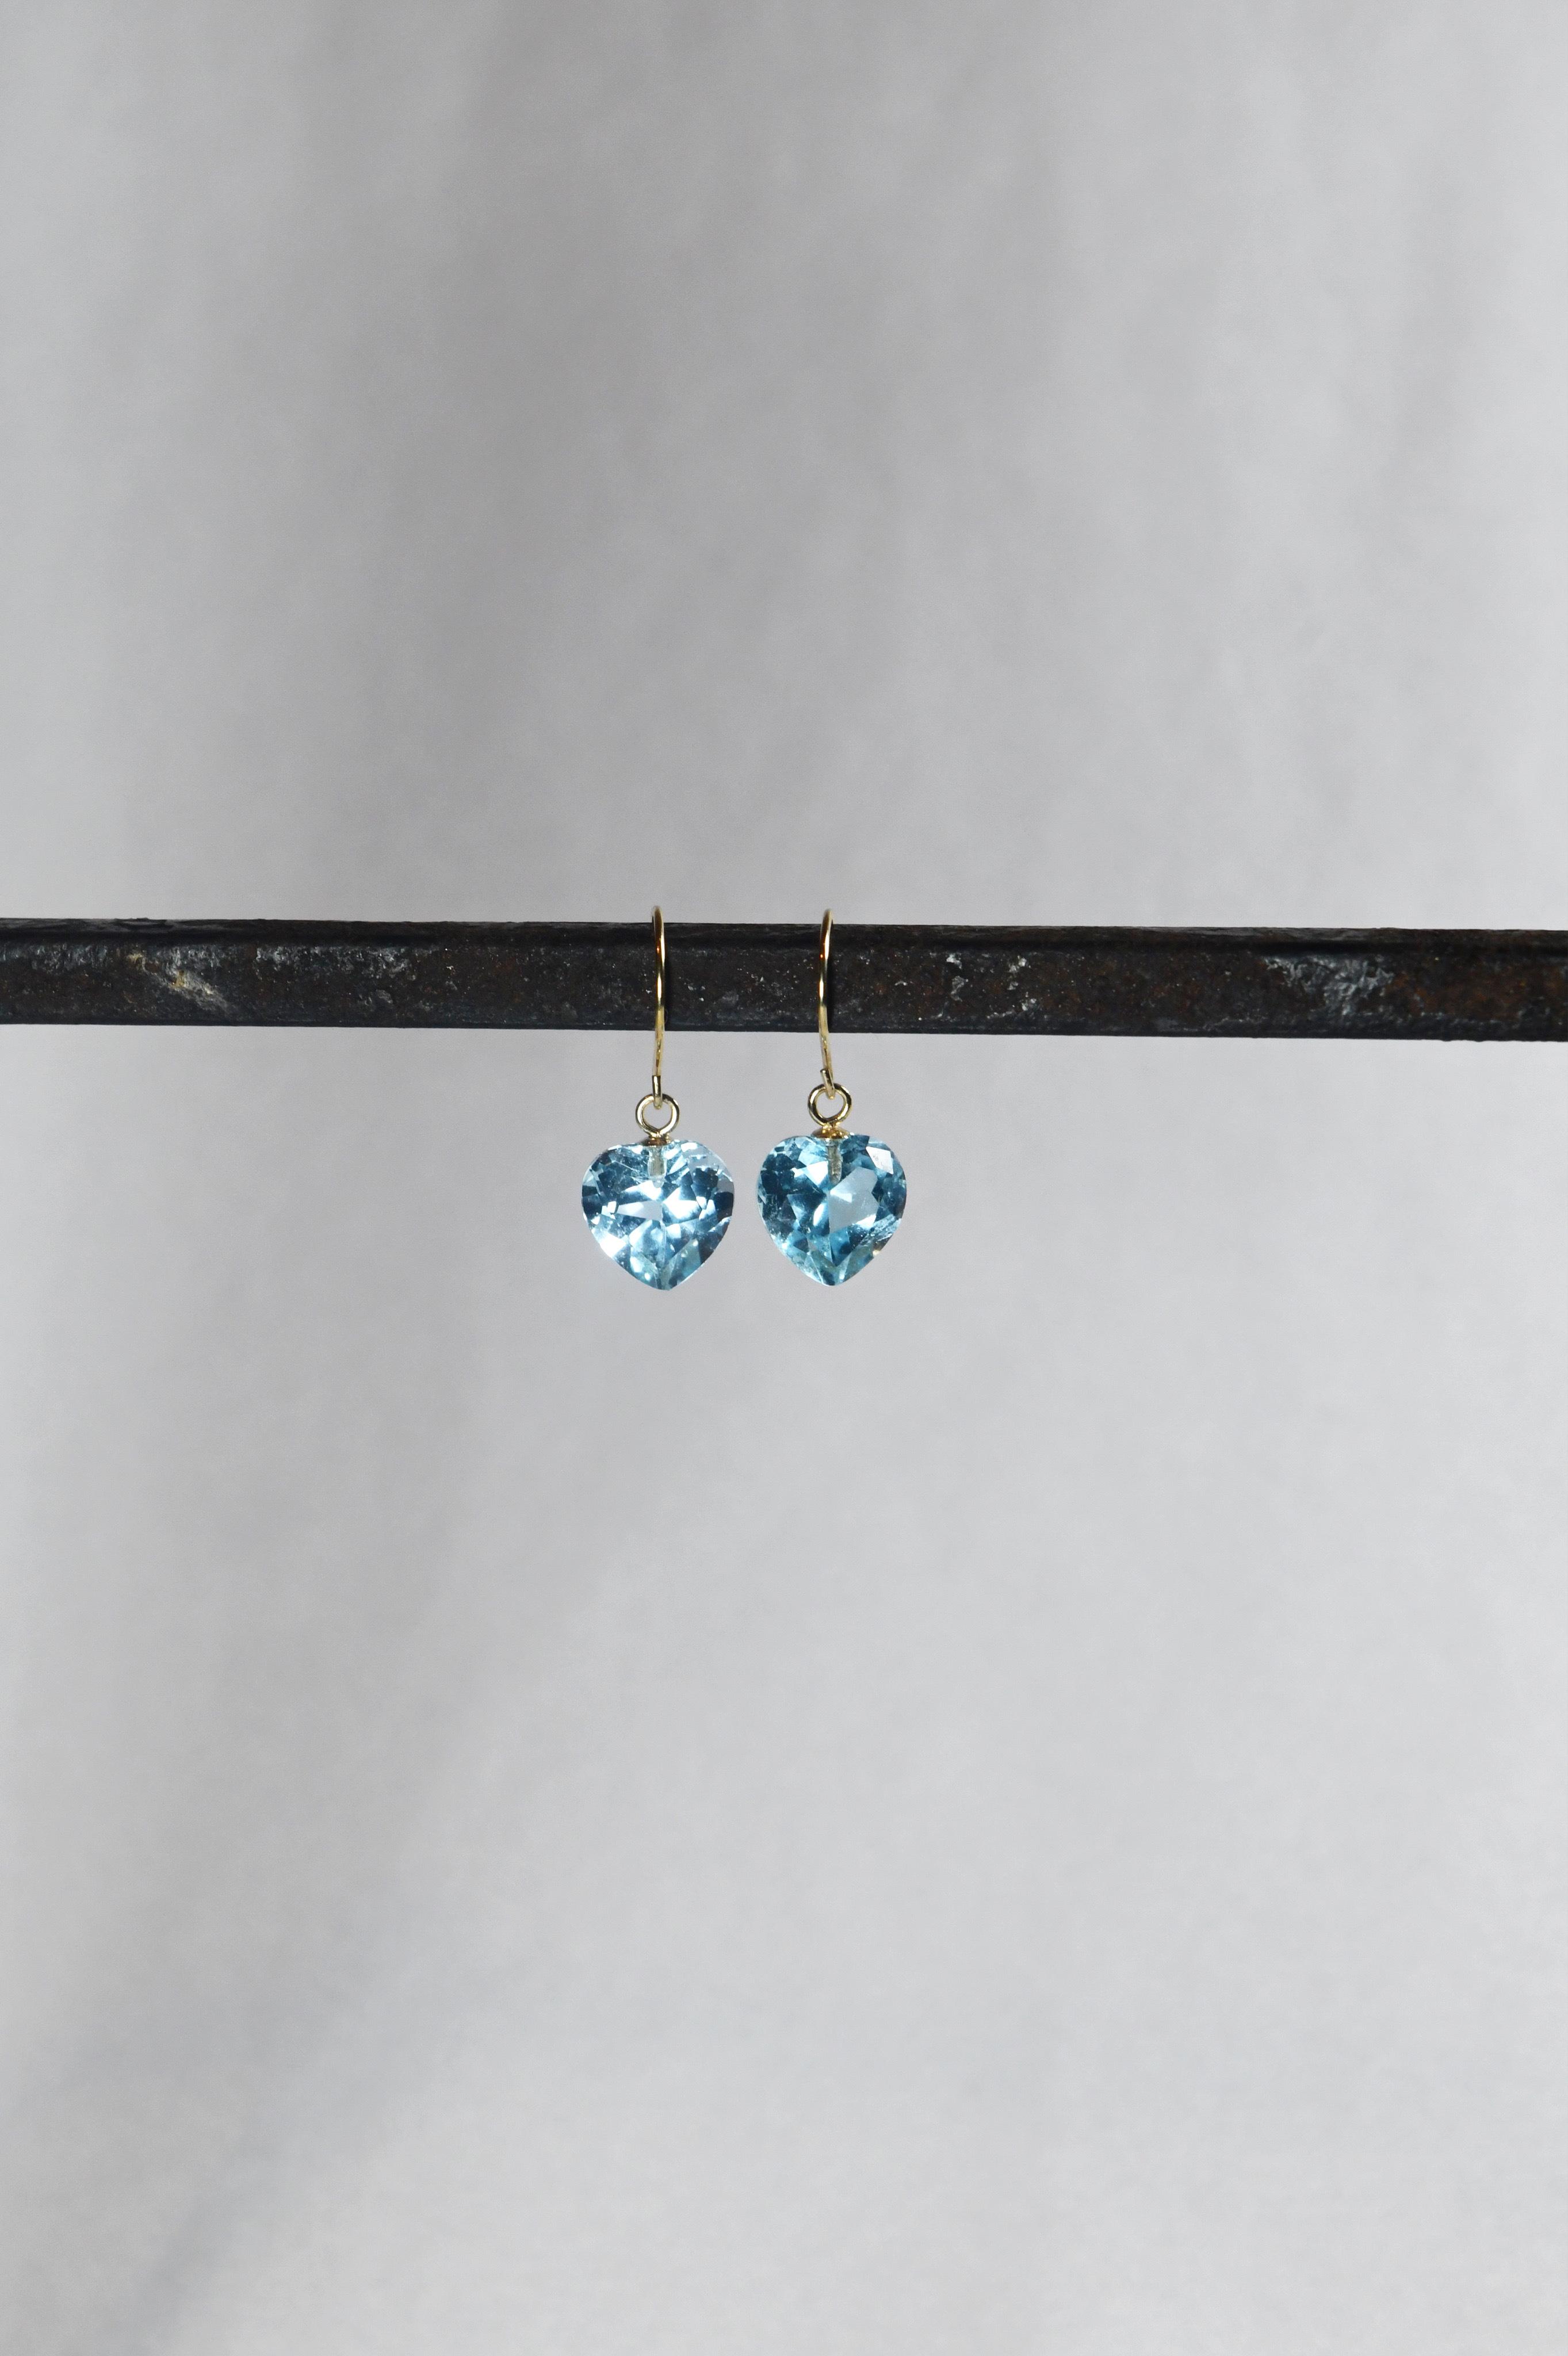 K18 Sky Blue Topaz Heart Earrings 18金スカイブルートパーズピアス/イヤリング(ハート)